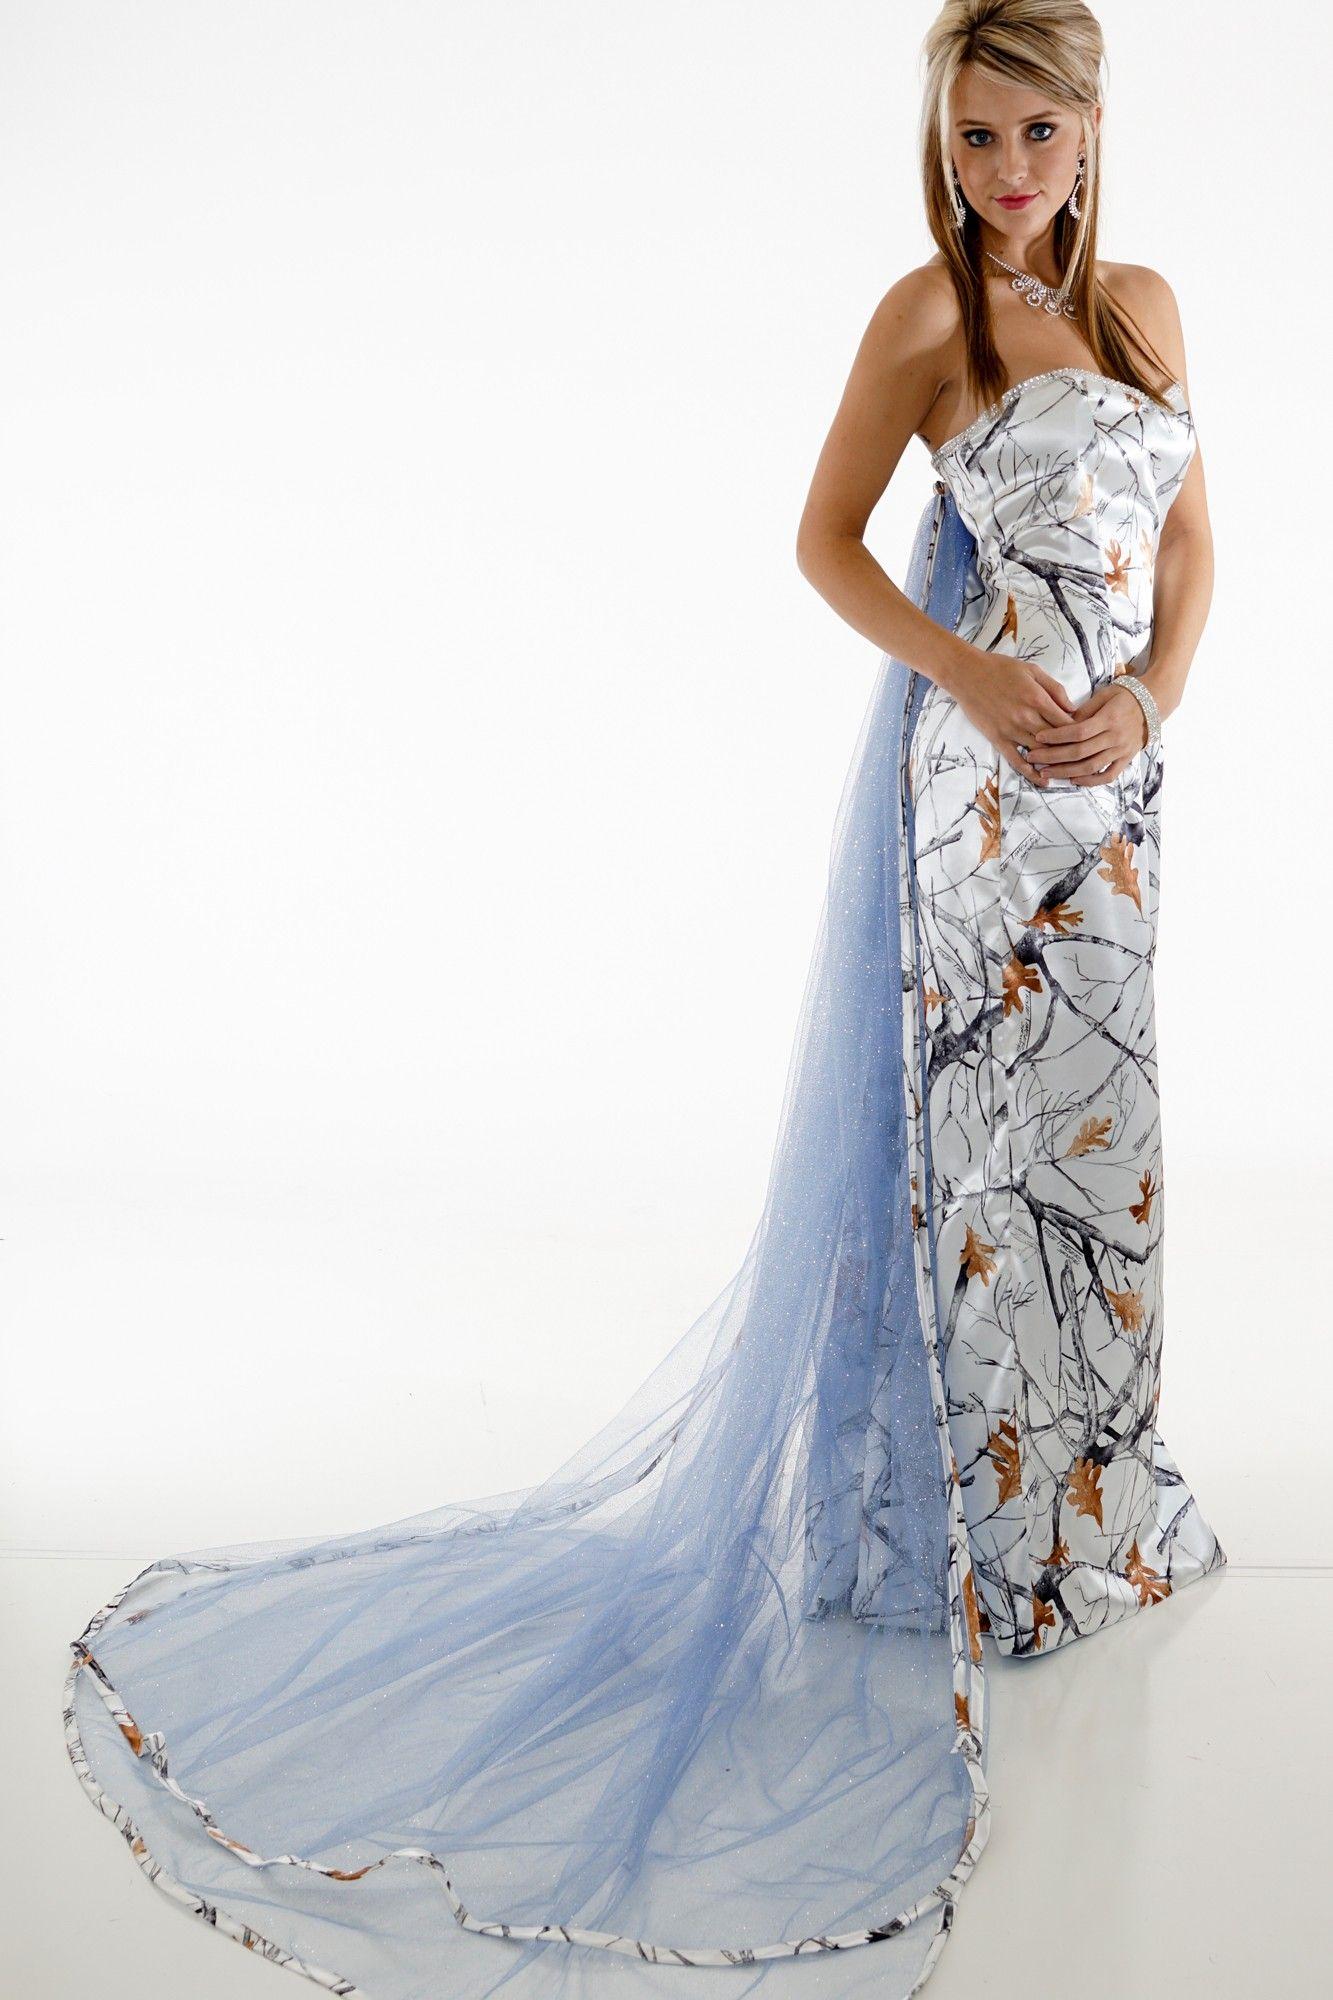 8072 Elsa Frozen Camo Princess Dress White Snowfall True Timber And Blue Glitter Camo Wedding Dresses White Camo Wedding Dress Detachable Train Wedding Dress [ 2000 x 1333 Pixel ]